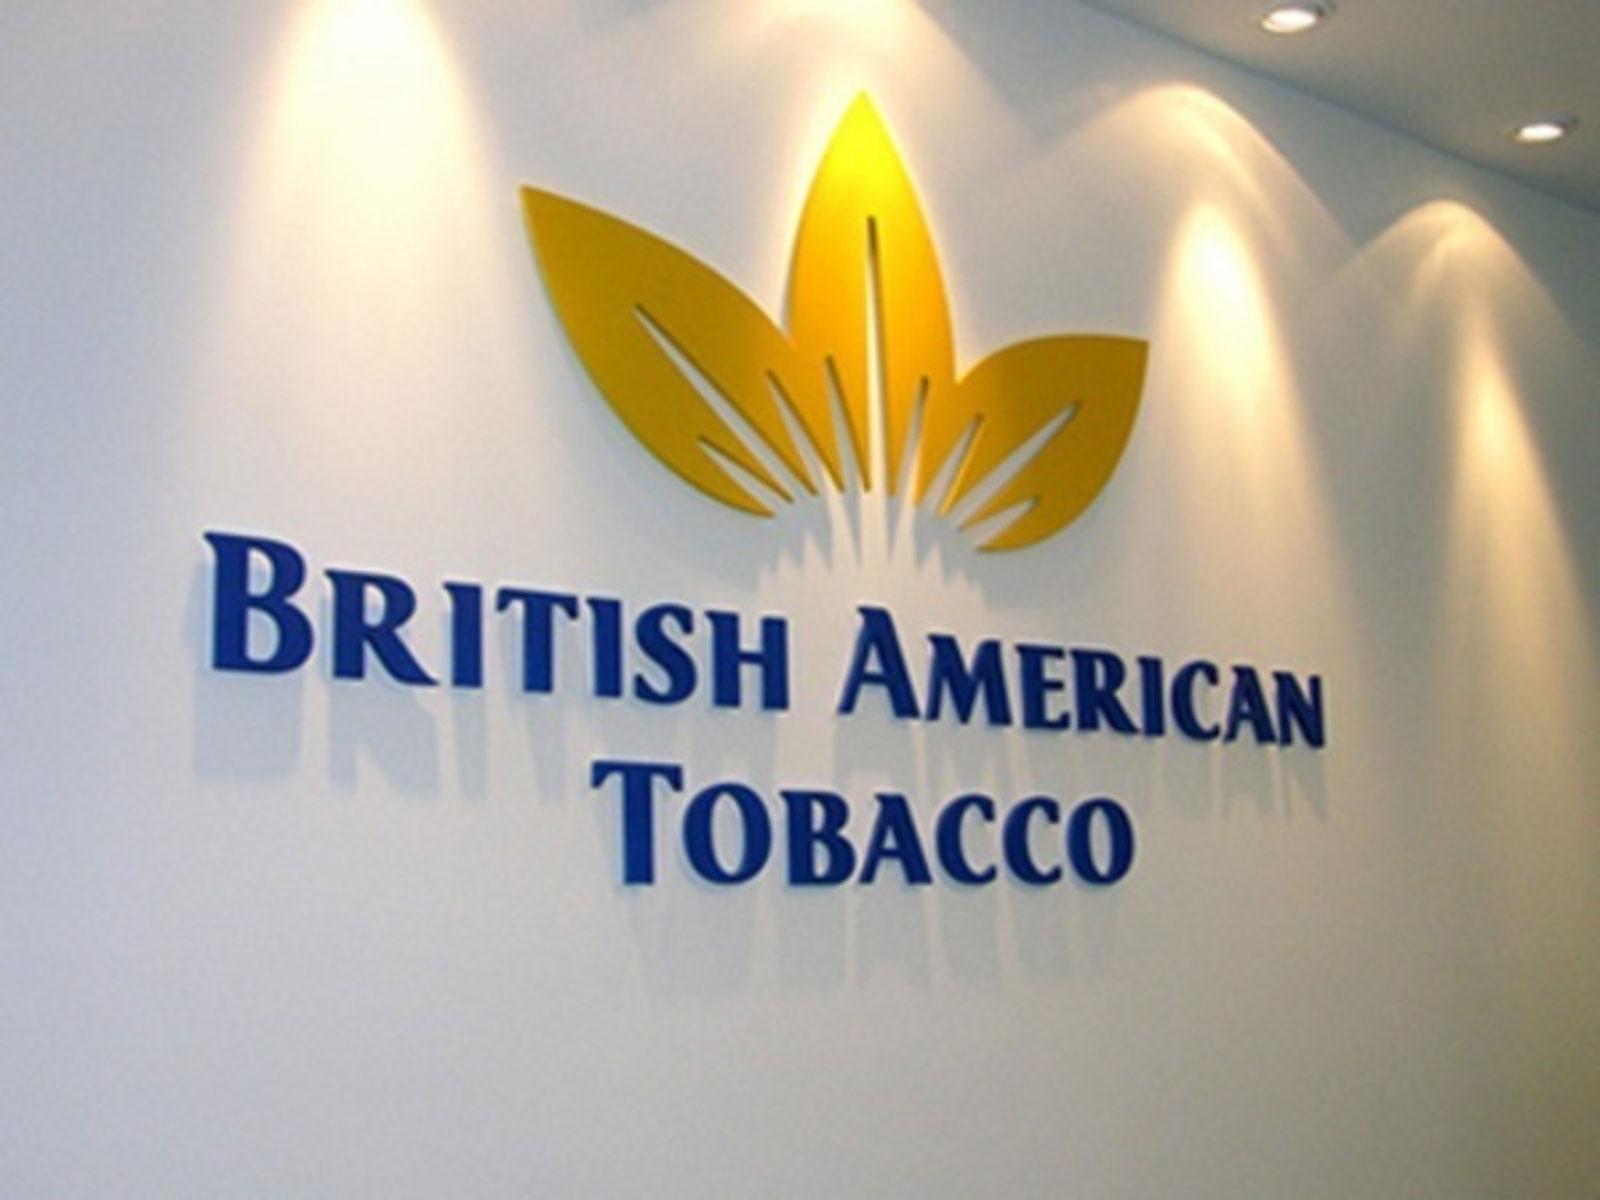 British American Tobacco: Απορρίφθηκε η αίτηση για αντιγραφή πατέντας